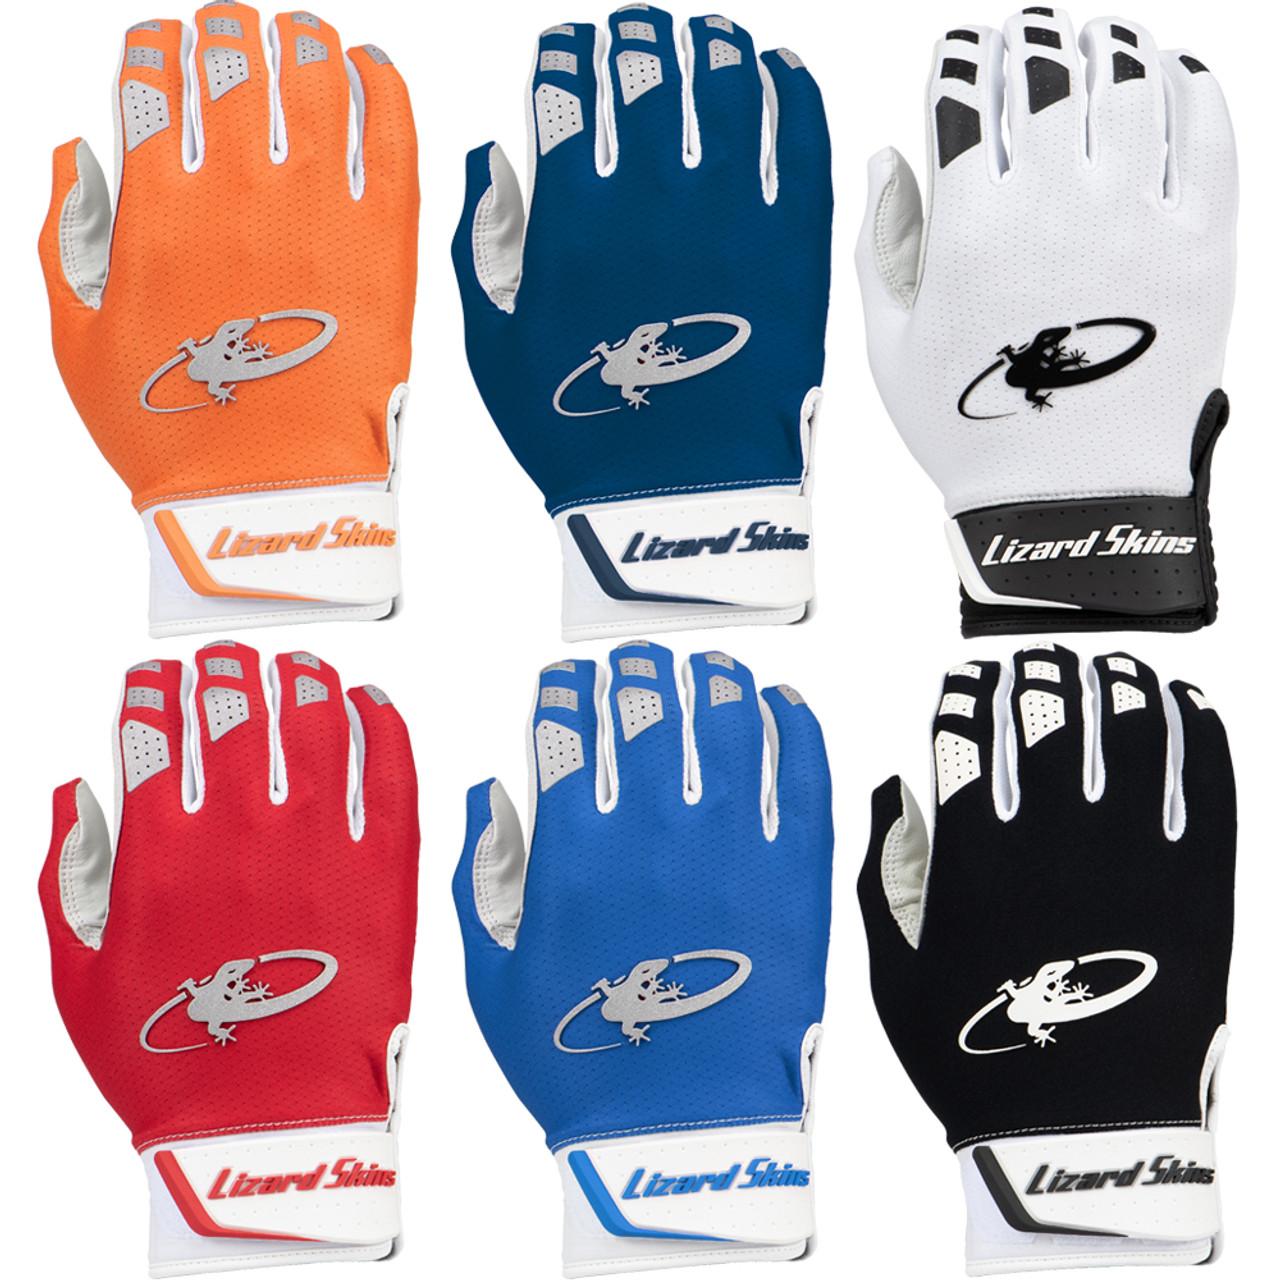 Lizard Skins Komodo V2 Youth Baseball Batting Gloves